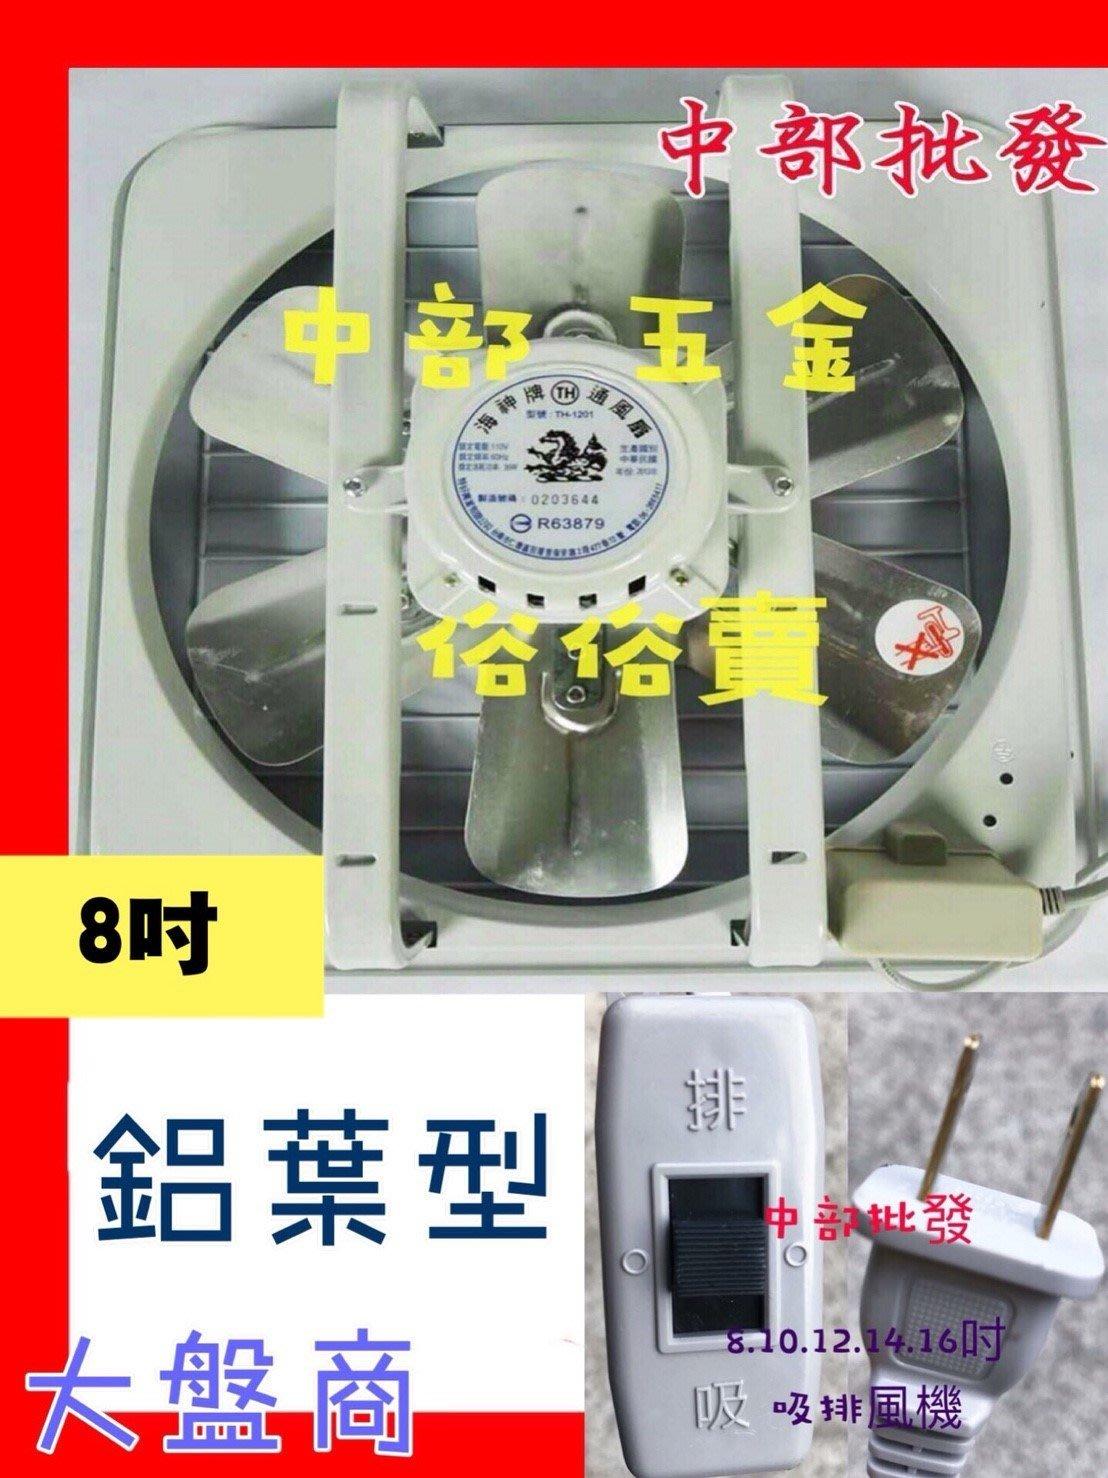 『中部批發』8吋 家用吸排 鋁葉吸排兩用窗型 排風機 抽風機 吸排 電風扇 通風扇 排風扇 浴室通風馬達(台灣製造)